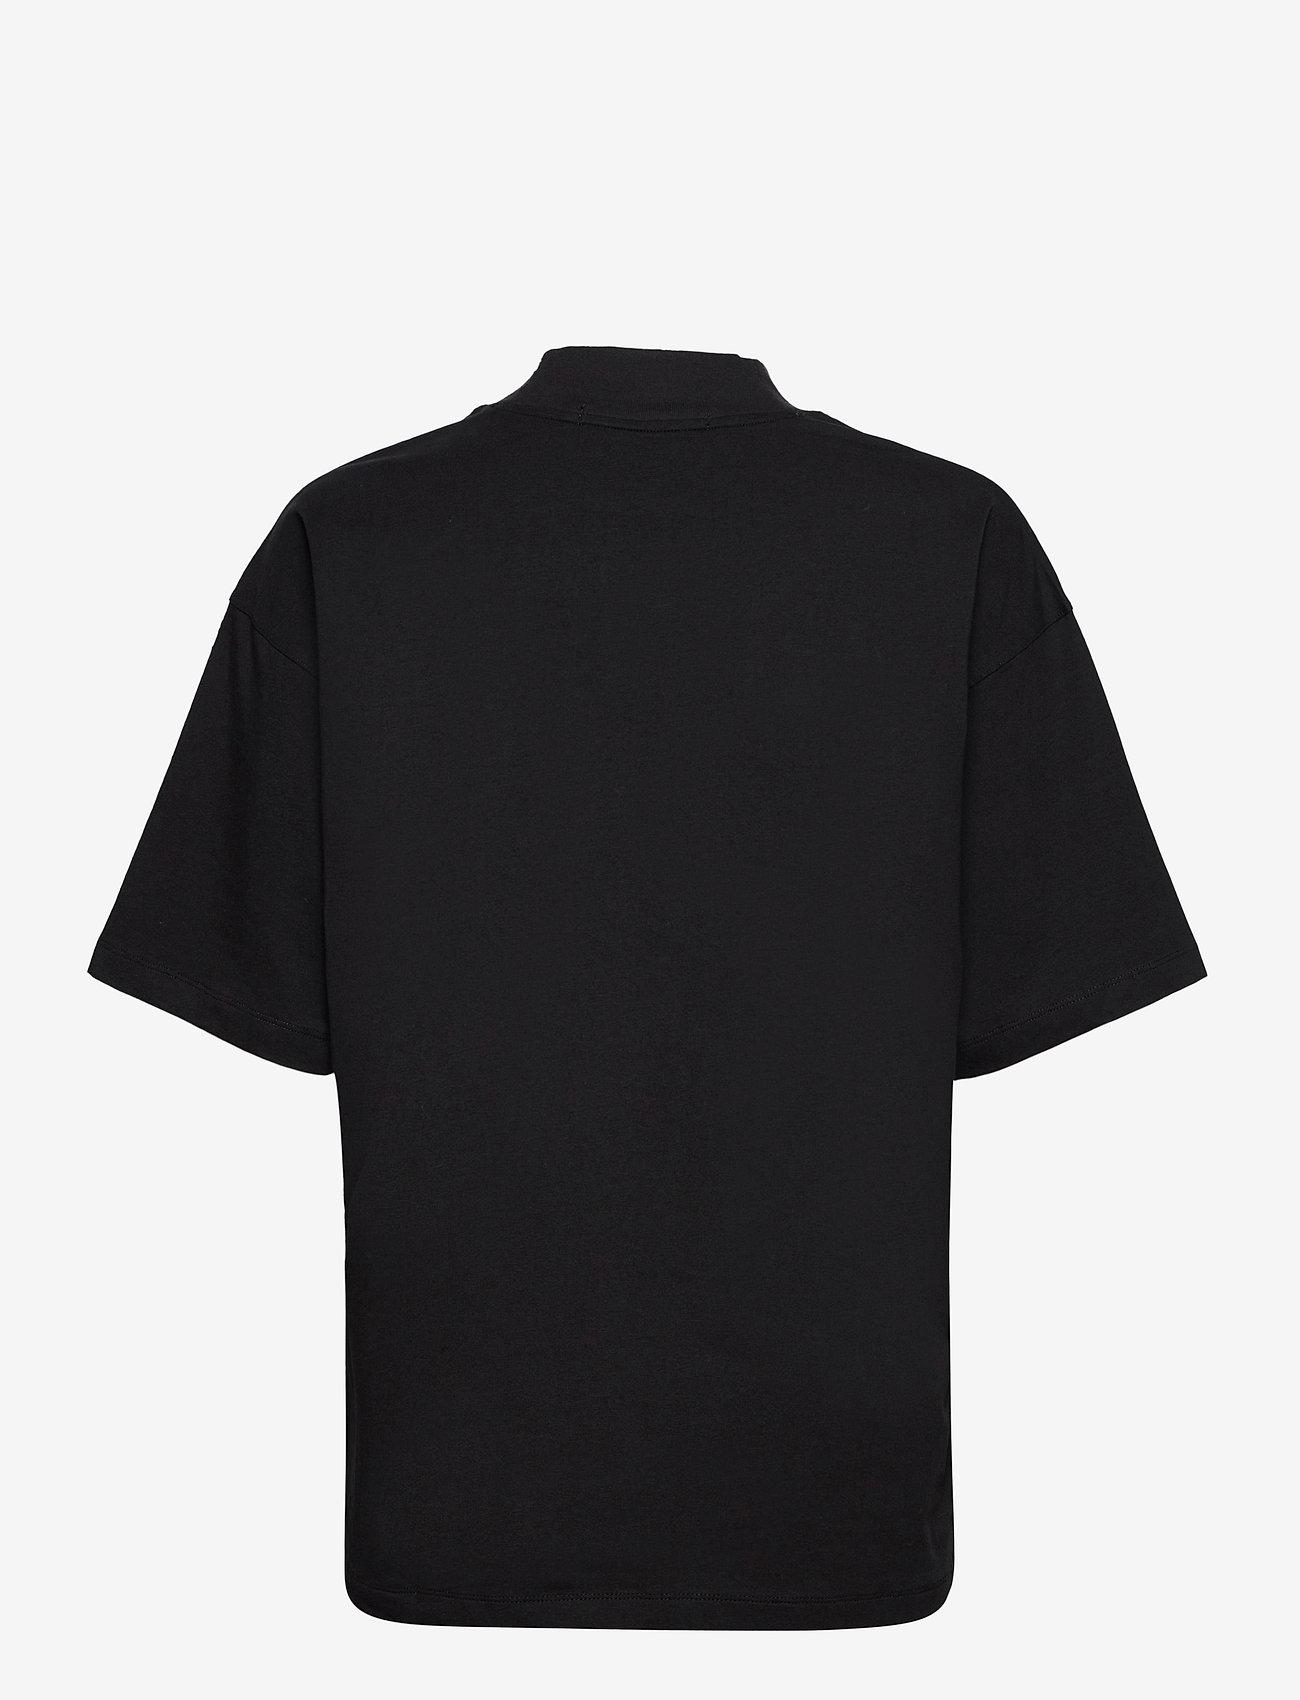 Calvin Klein Jeans - UNISEX MICRO BRANDING MOCK NECK - basis-t-skjorter - ck black - 1